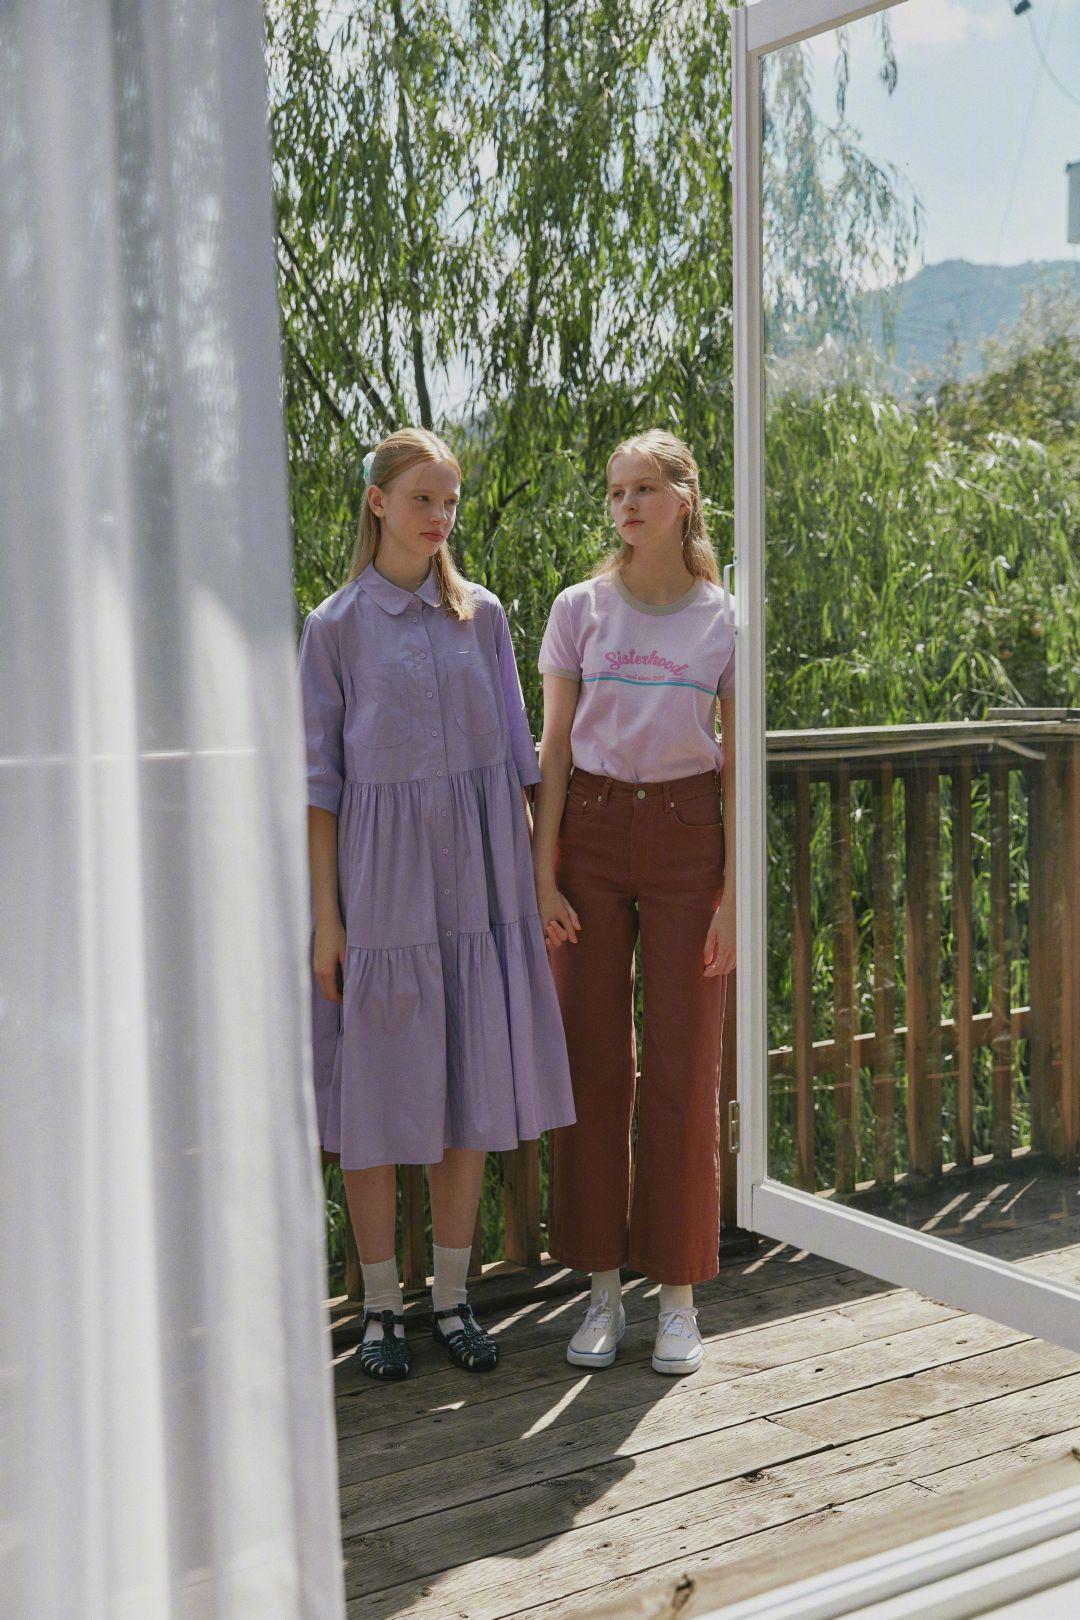 休闲又活泼的春夏系列 'Sisterhood'插图5